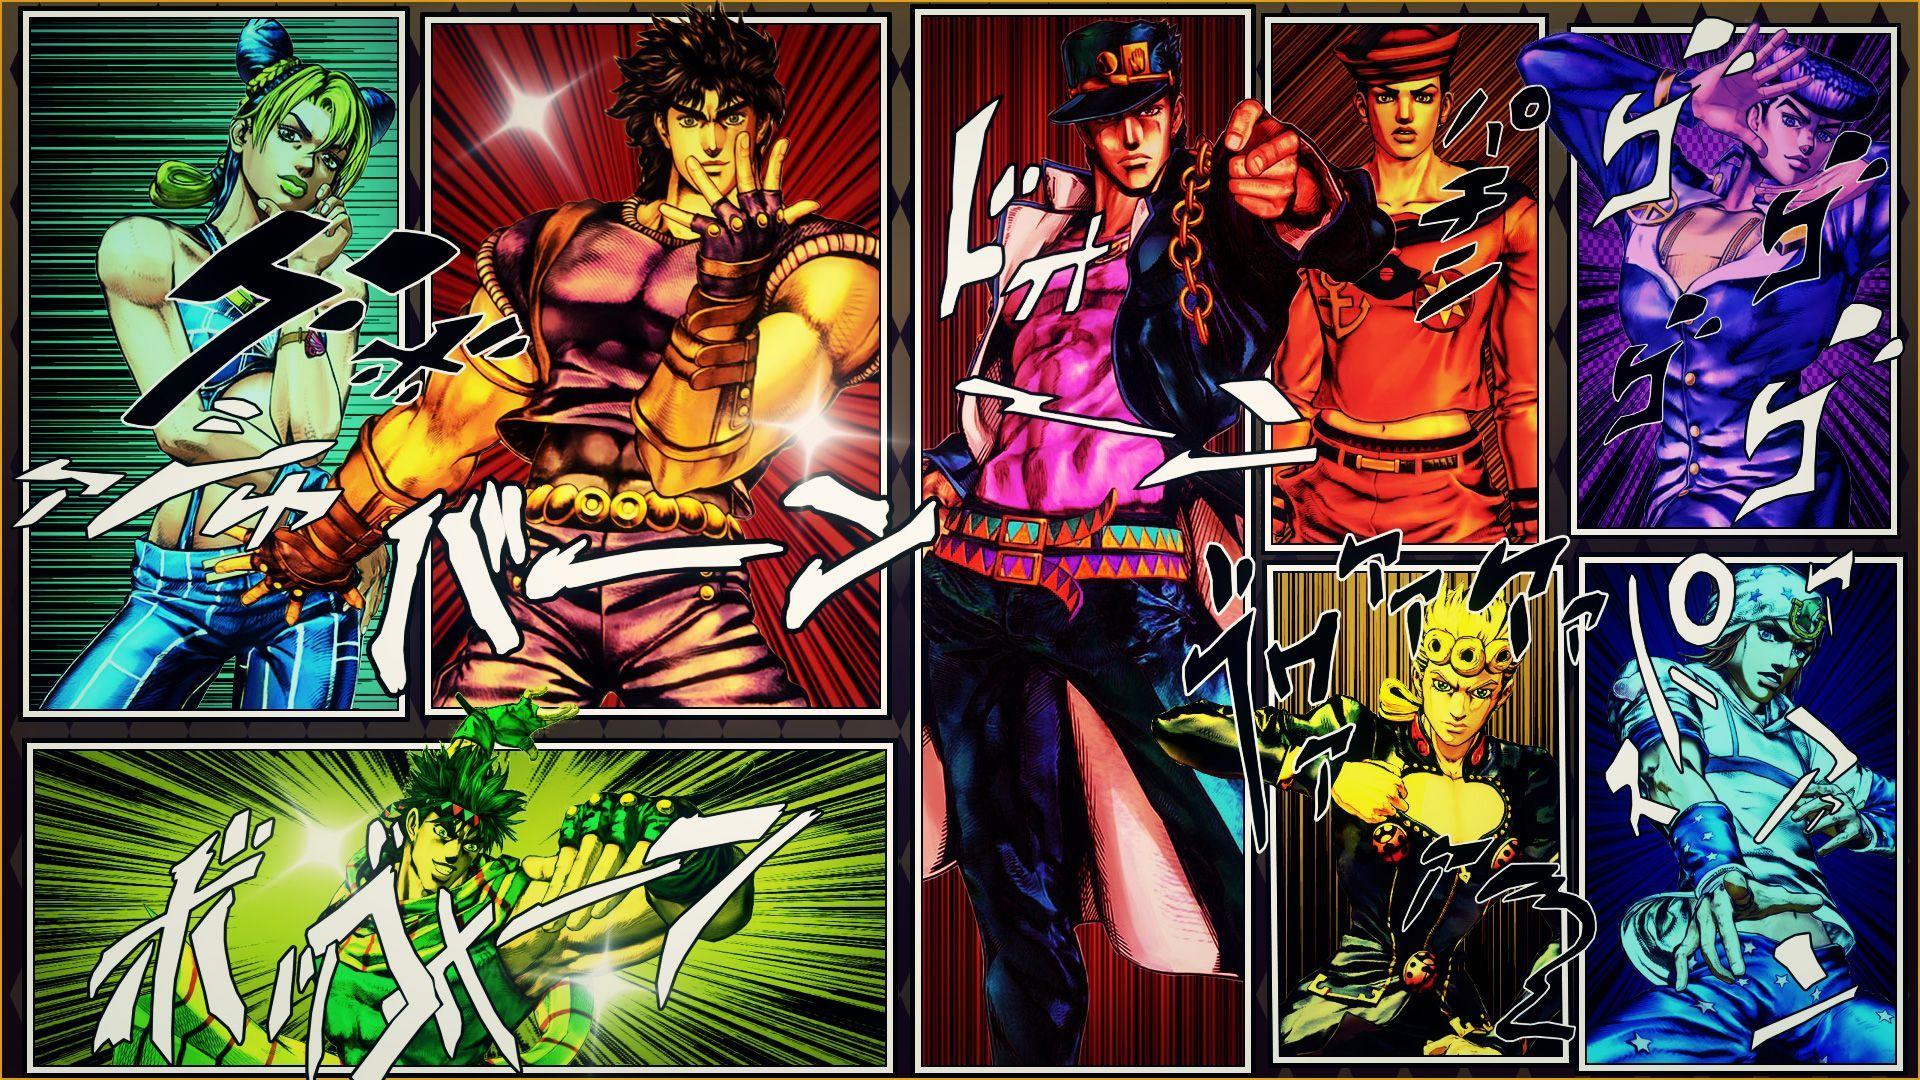 Jojo S Bizarre Adventure Full Hd Wallpaper And Background Jojo Anime Jojo S Bizarre Adventure Jojo Bizarre